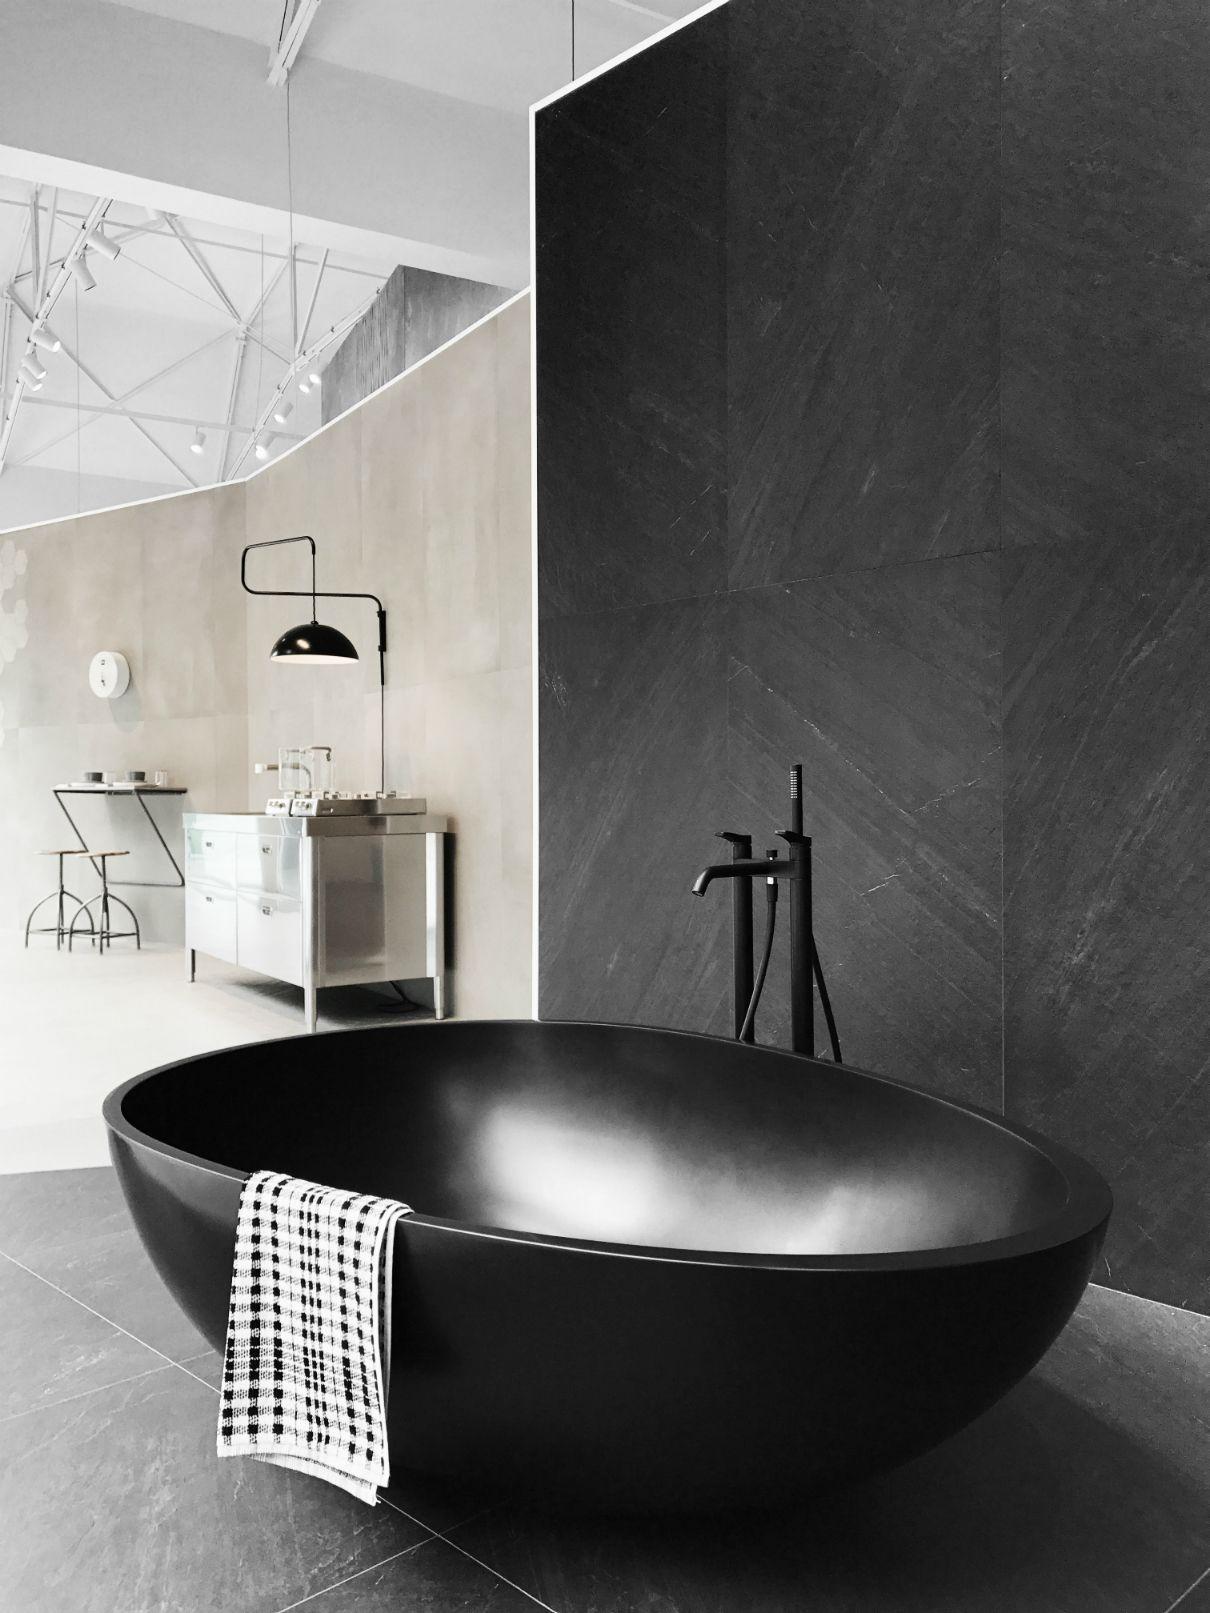 Marazzi Bathtub By Mastella Available At Snyder Diamond In Los Angeles Ca Bathtubs Luxurybath Designerbath B Luxury Bathtub Modern Bathtub Black Bathtub